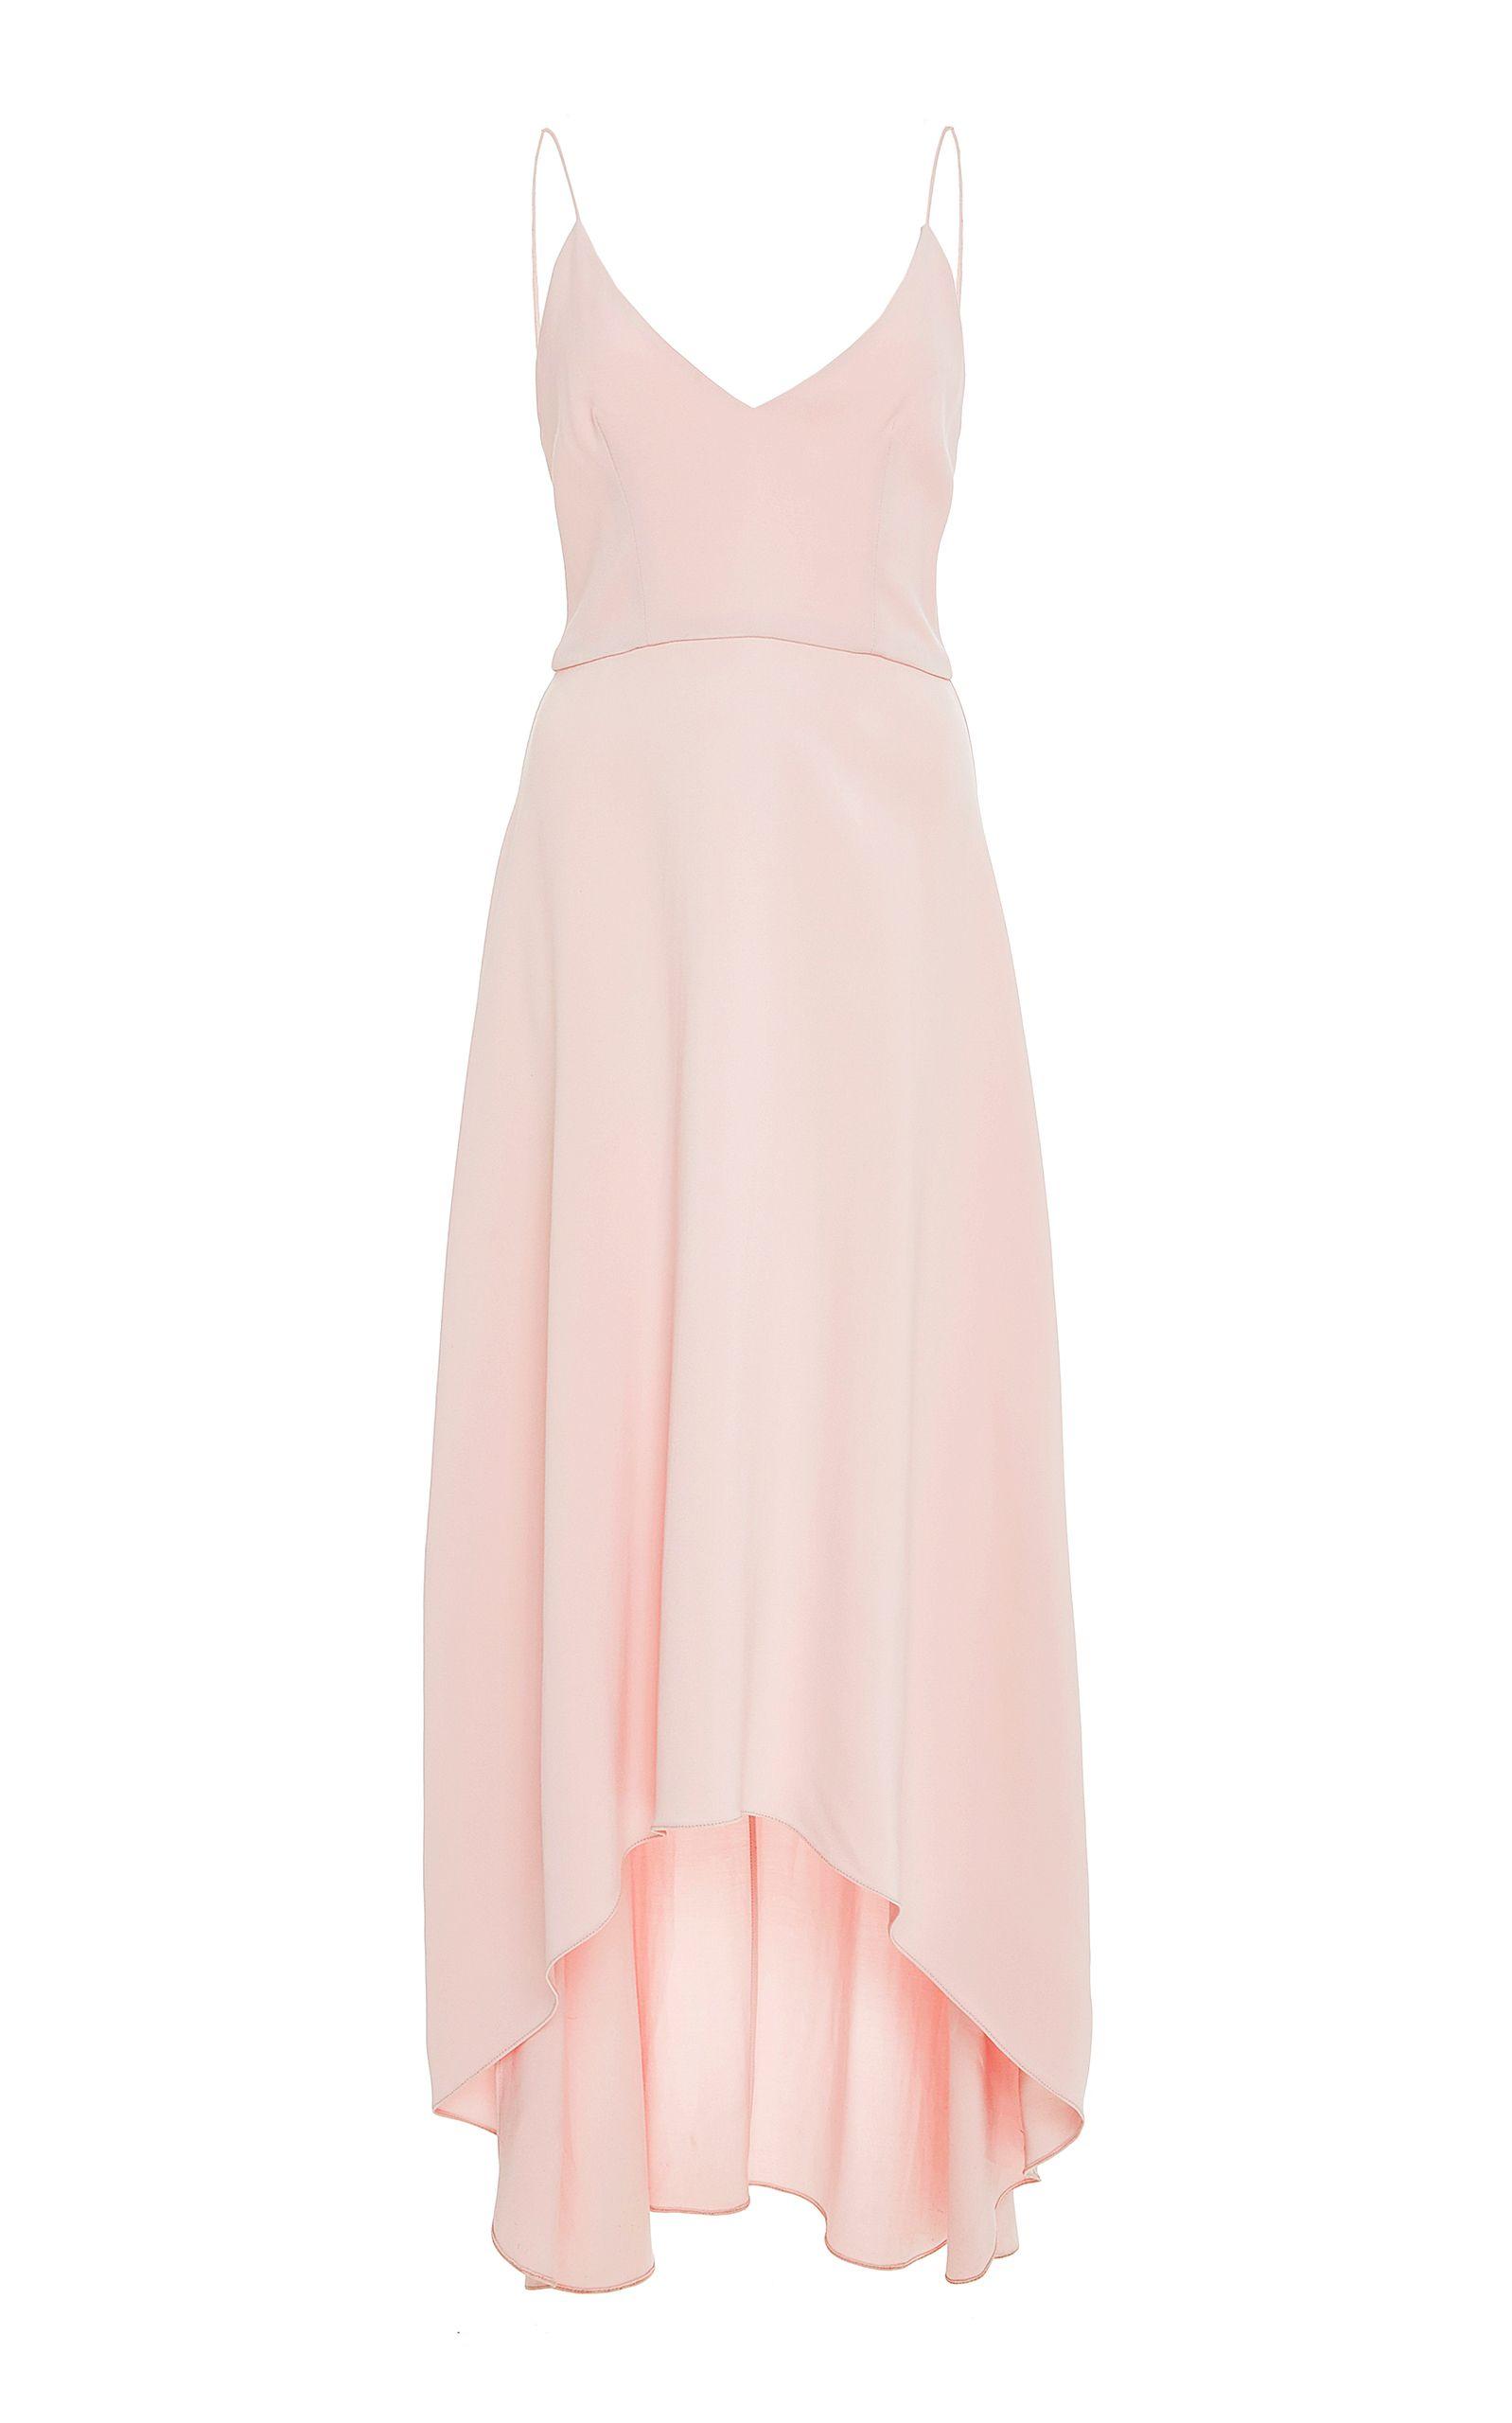 7aabf41164 CUSHNIE ET OCHS .  cushnieetochs  cloth  dress